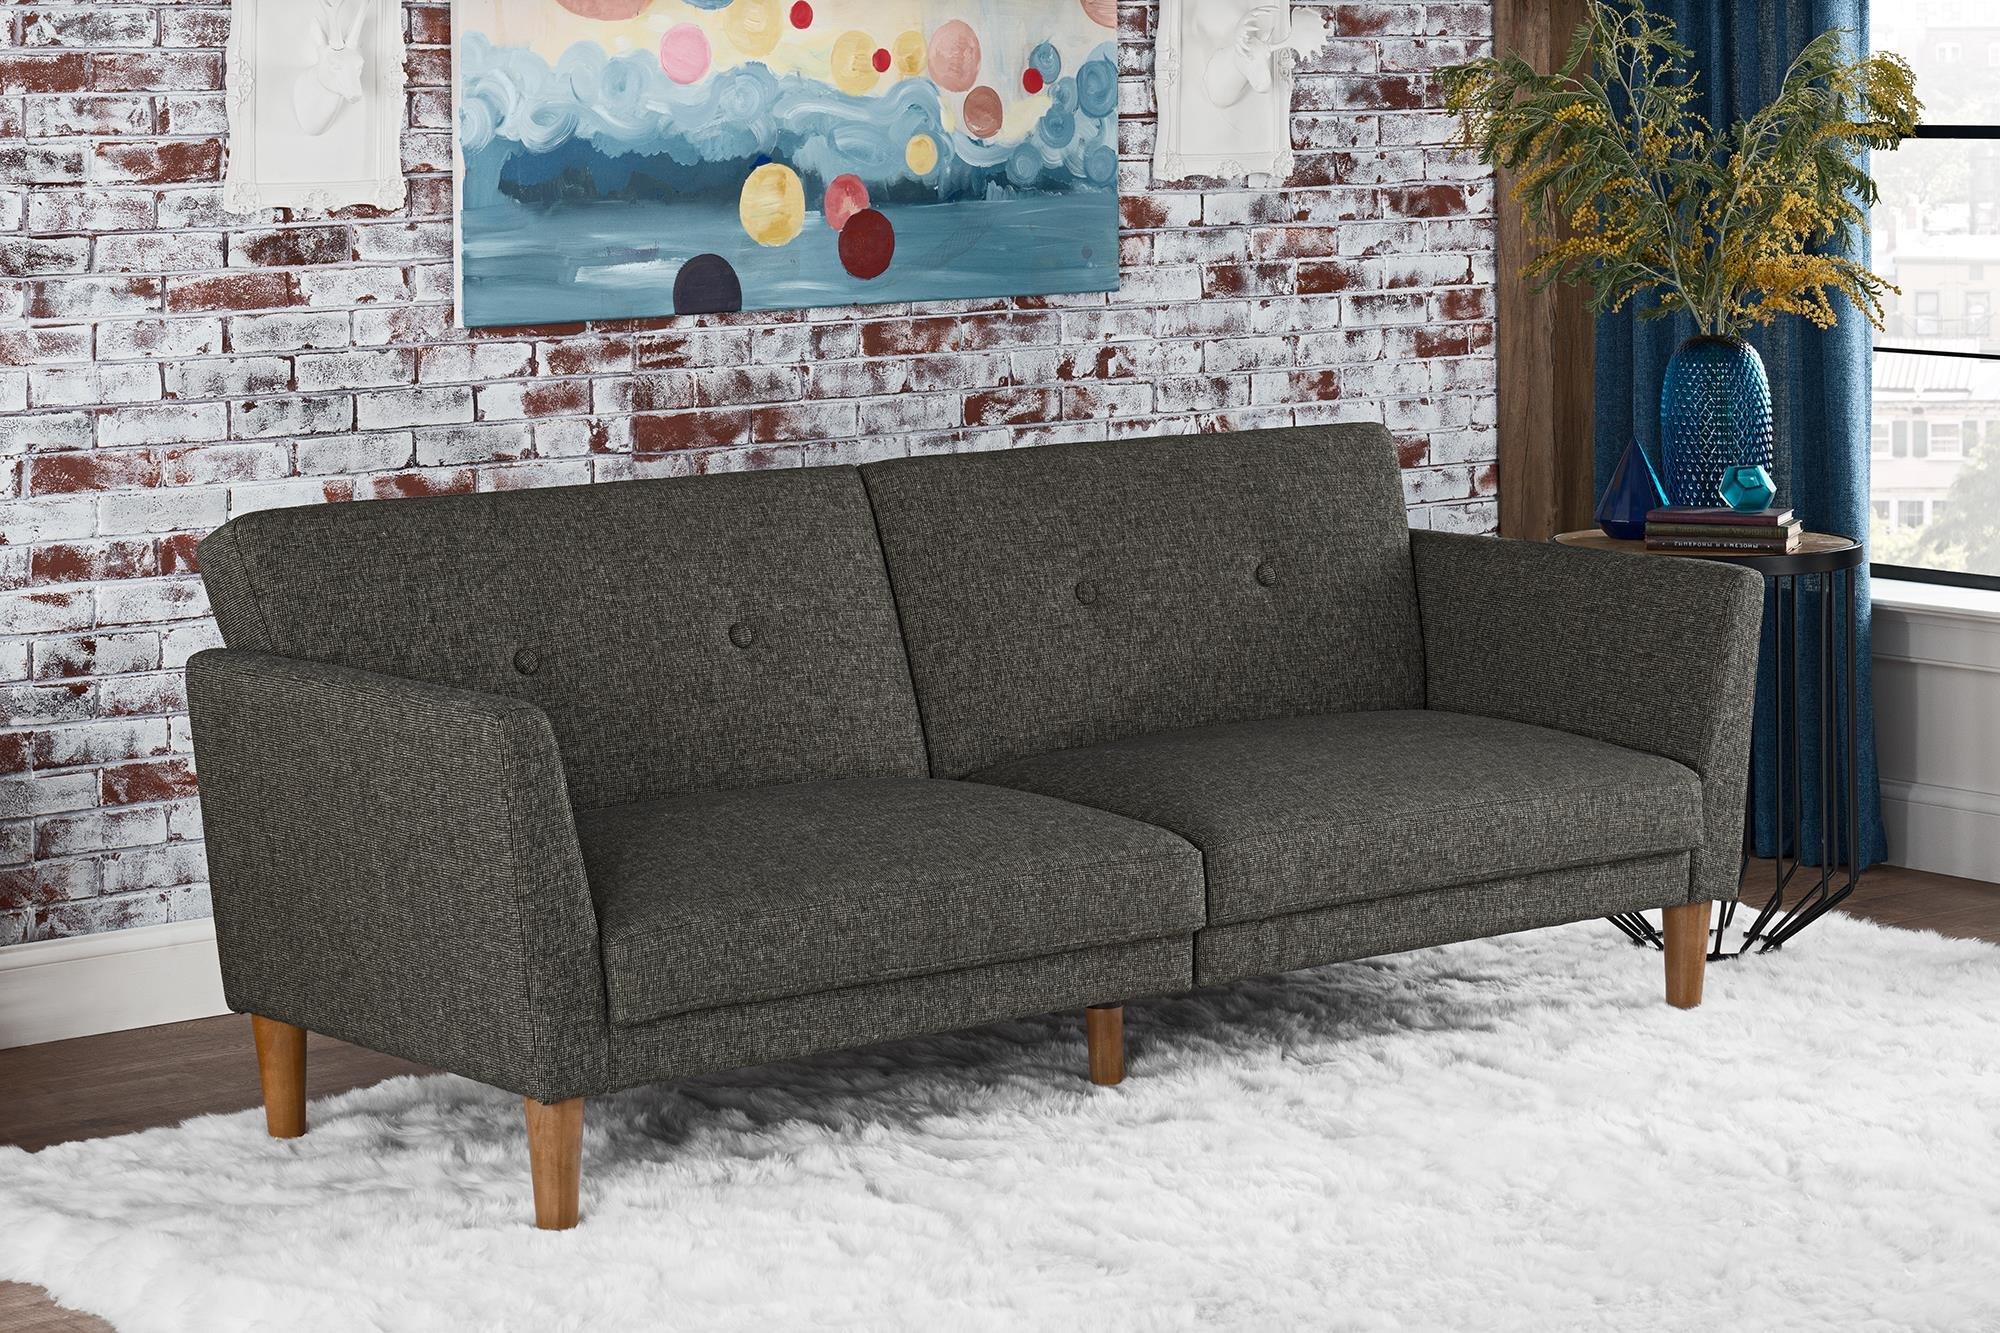 Novogratz Regal Futon with Tufted Linen Upholstery, Grey by Novogratz